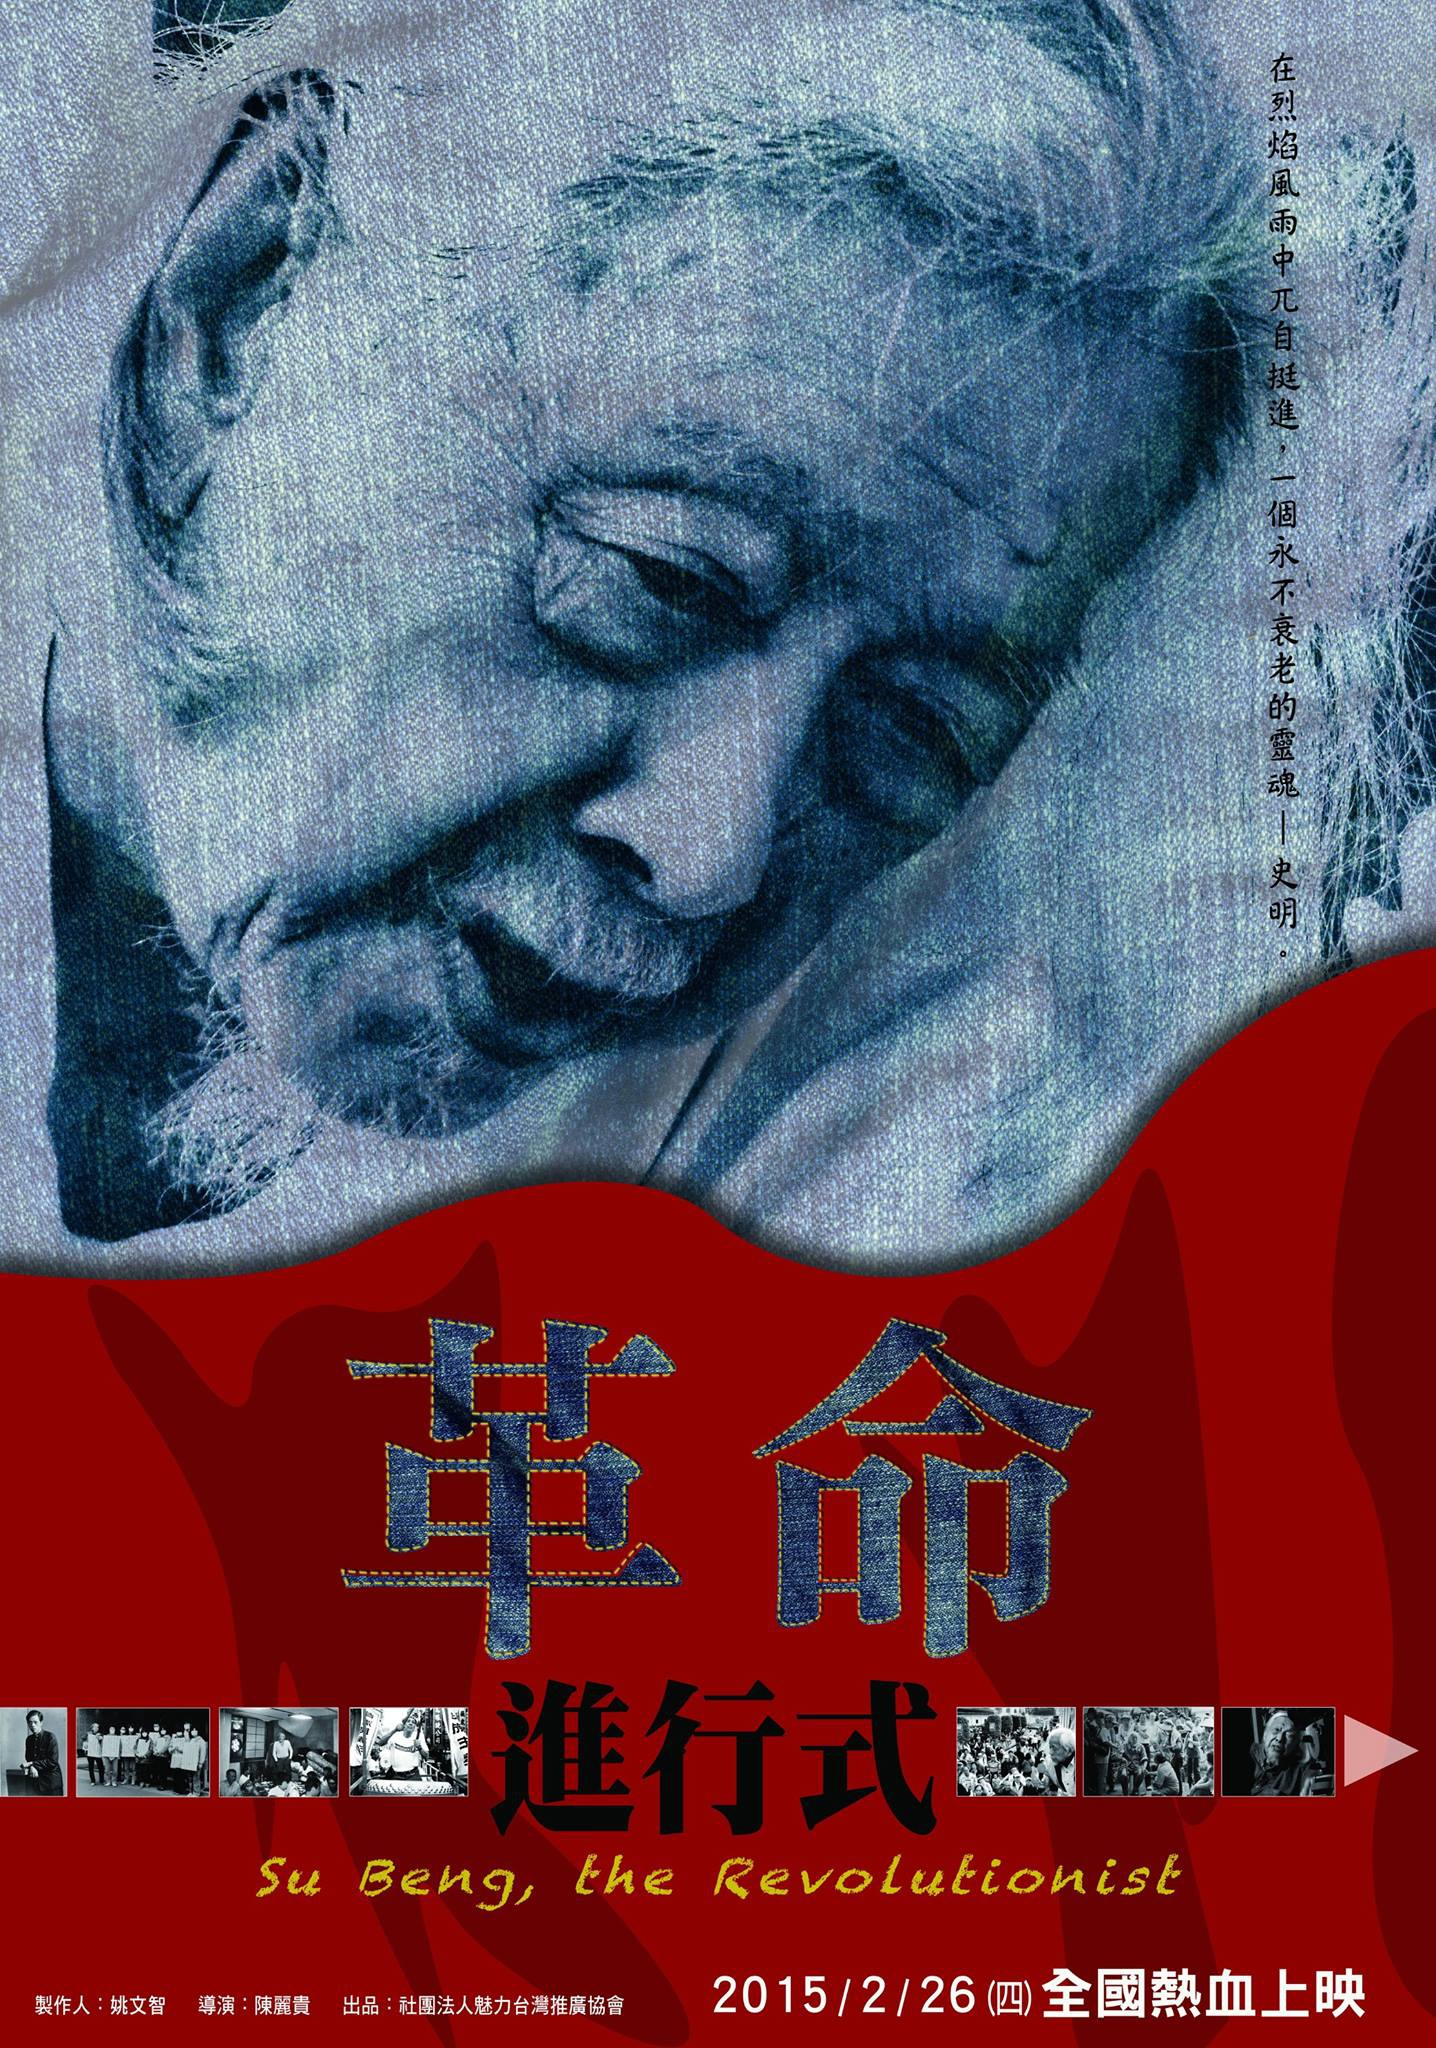 史明紀錄片「革命進行式」 1月20日 ·